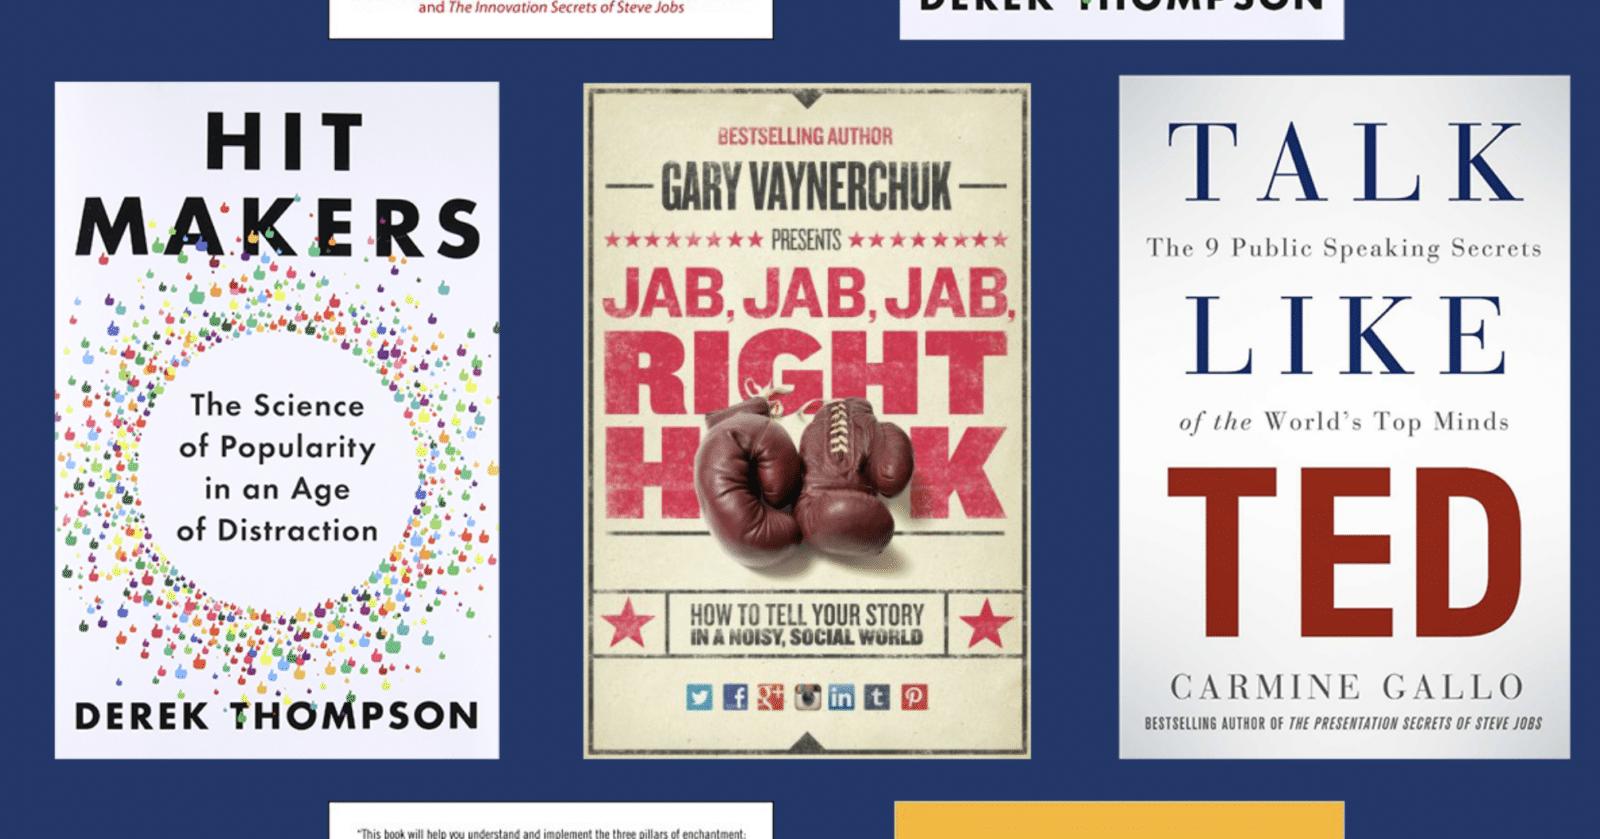 แนะนำ 5 หนังสือ สอนทำคอนเทนต์ให้ลึกถึงระดับจิตใจ